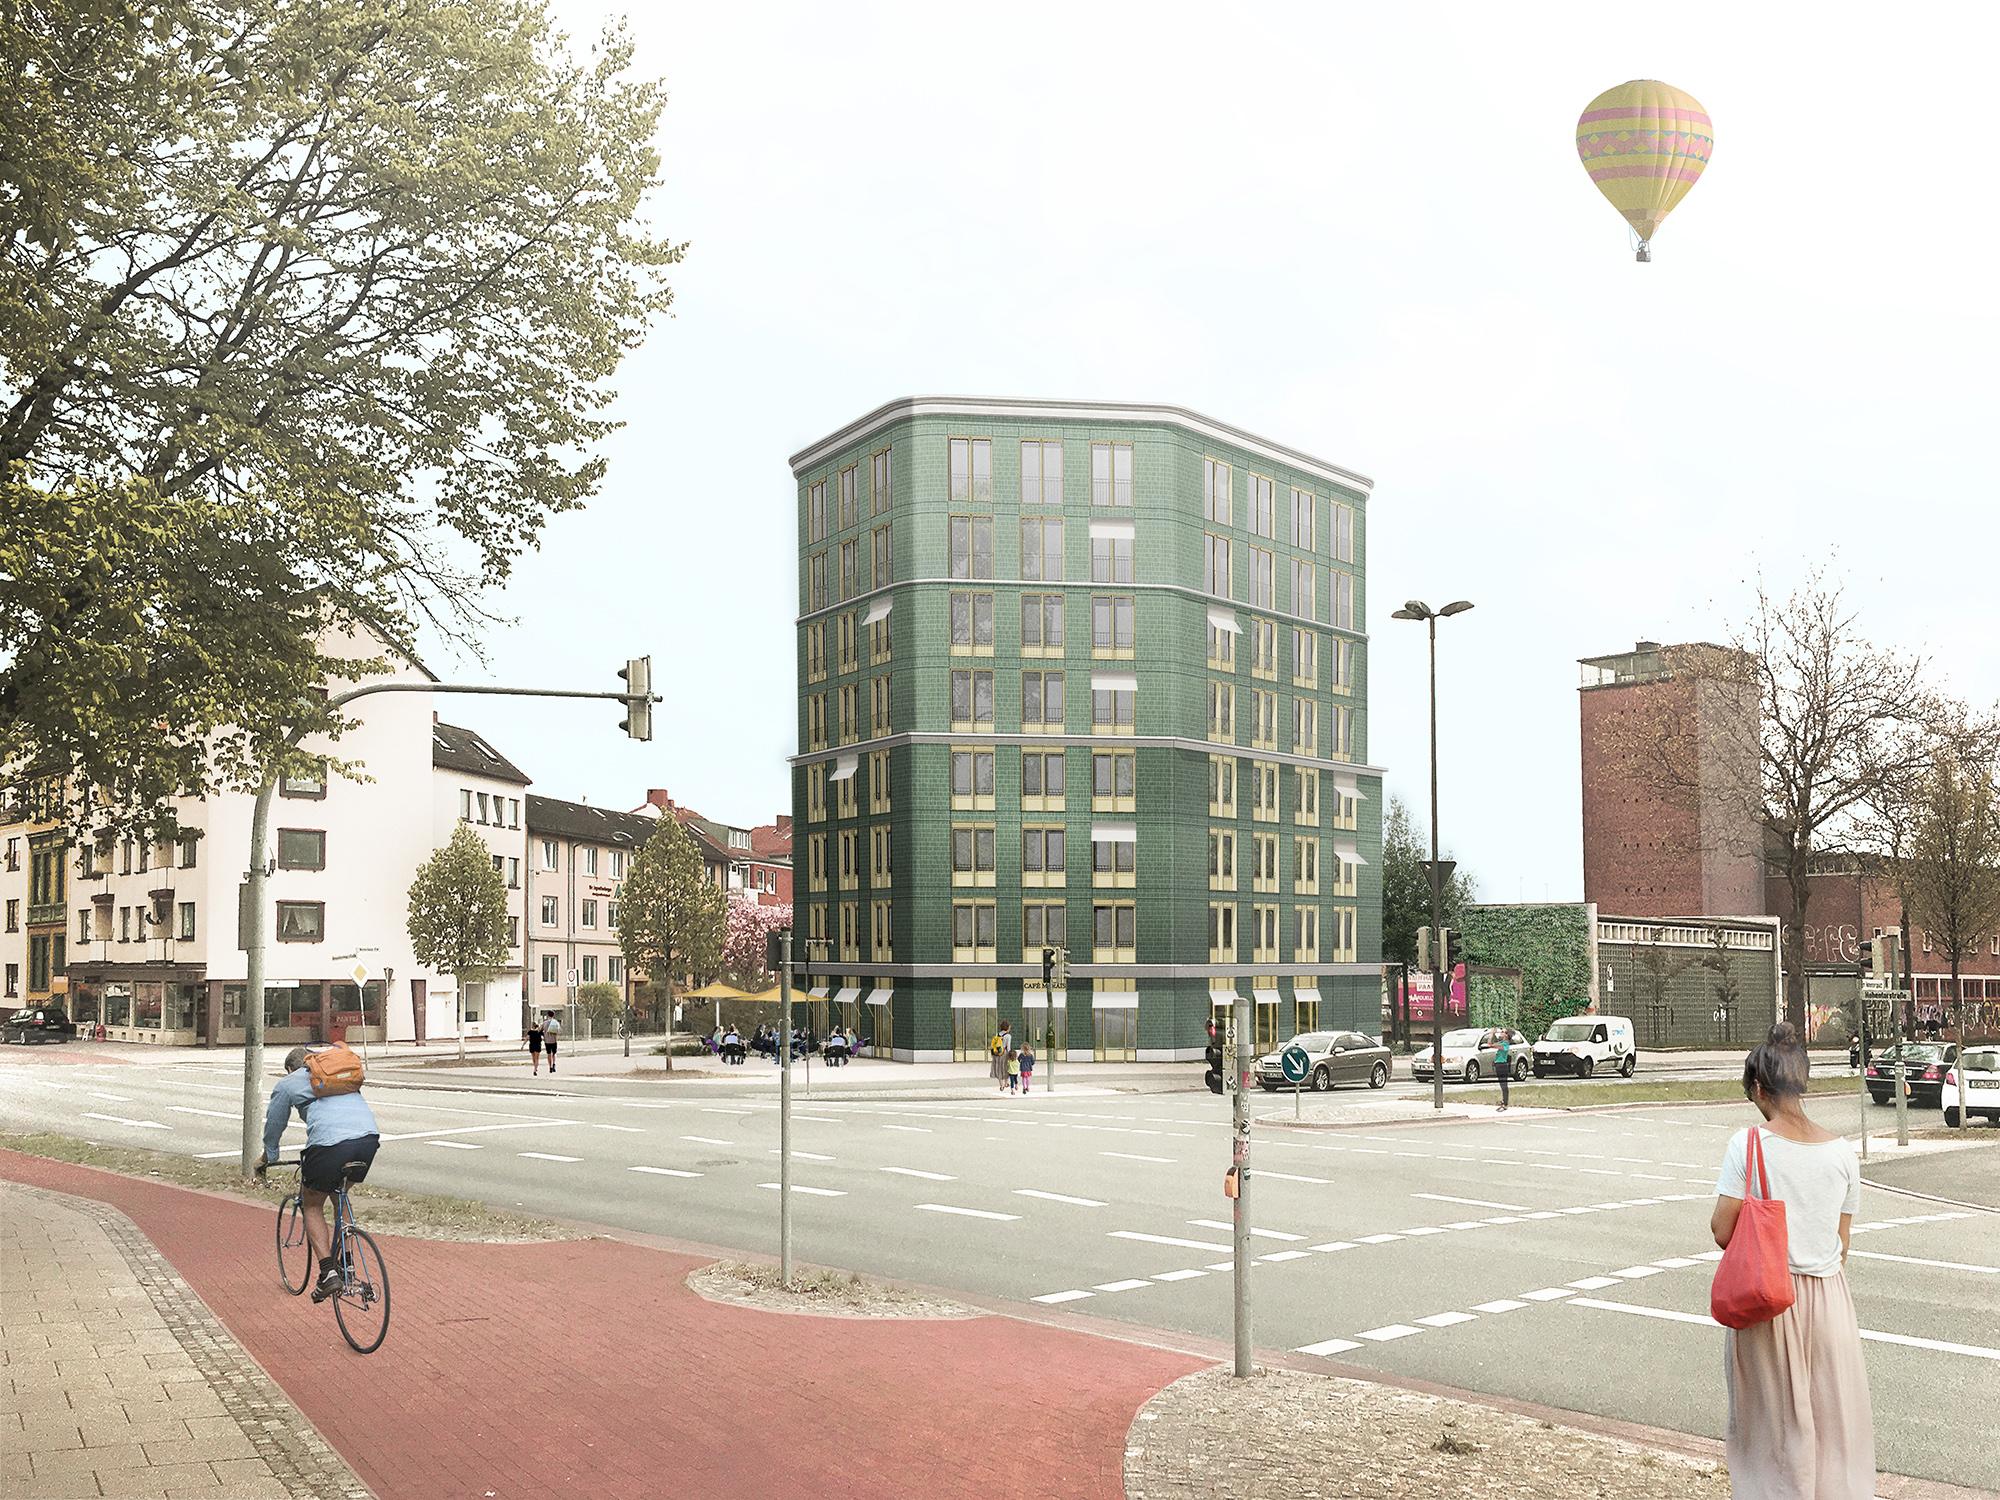 Visualisierung Neustadt Grünes Haus Hohentorsplatz